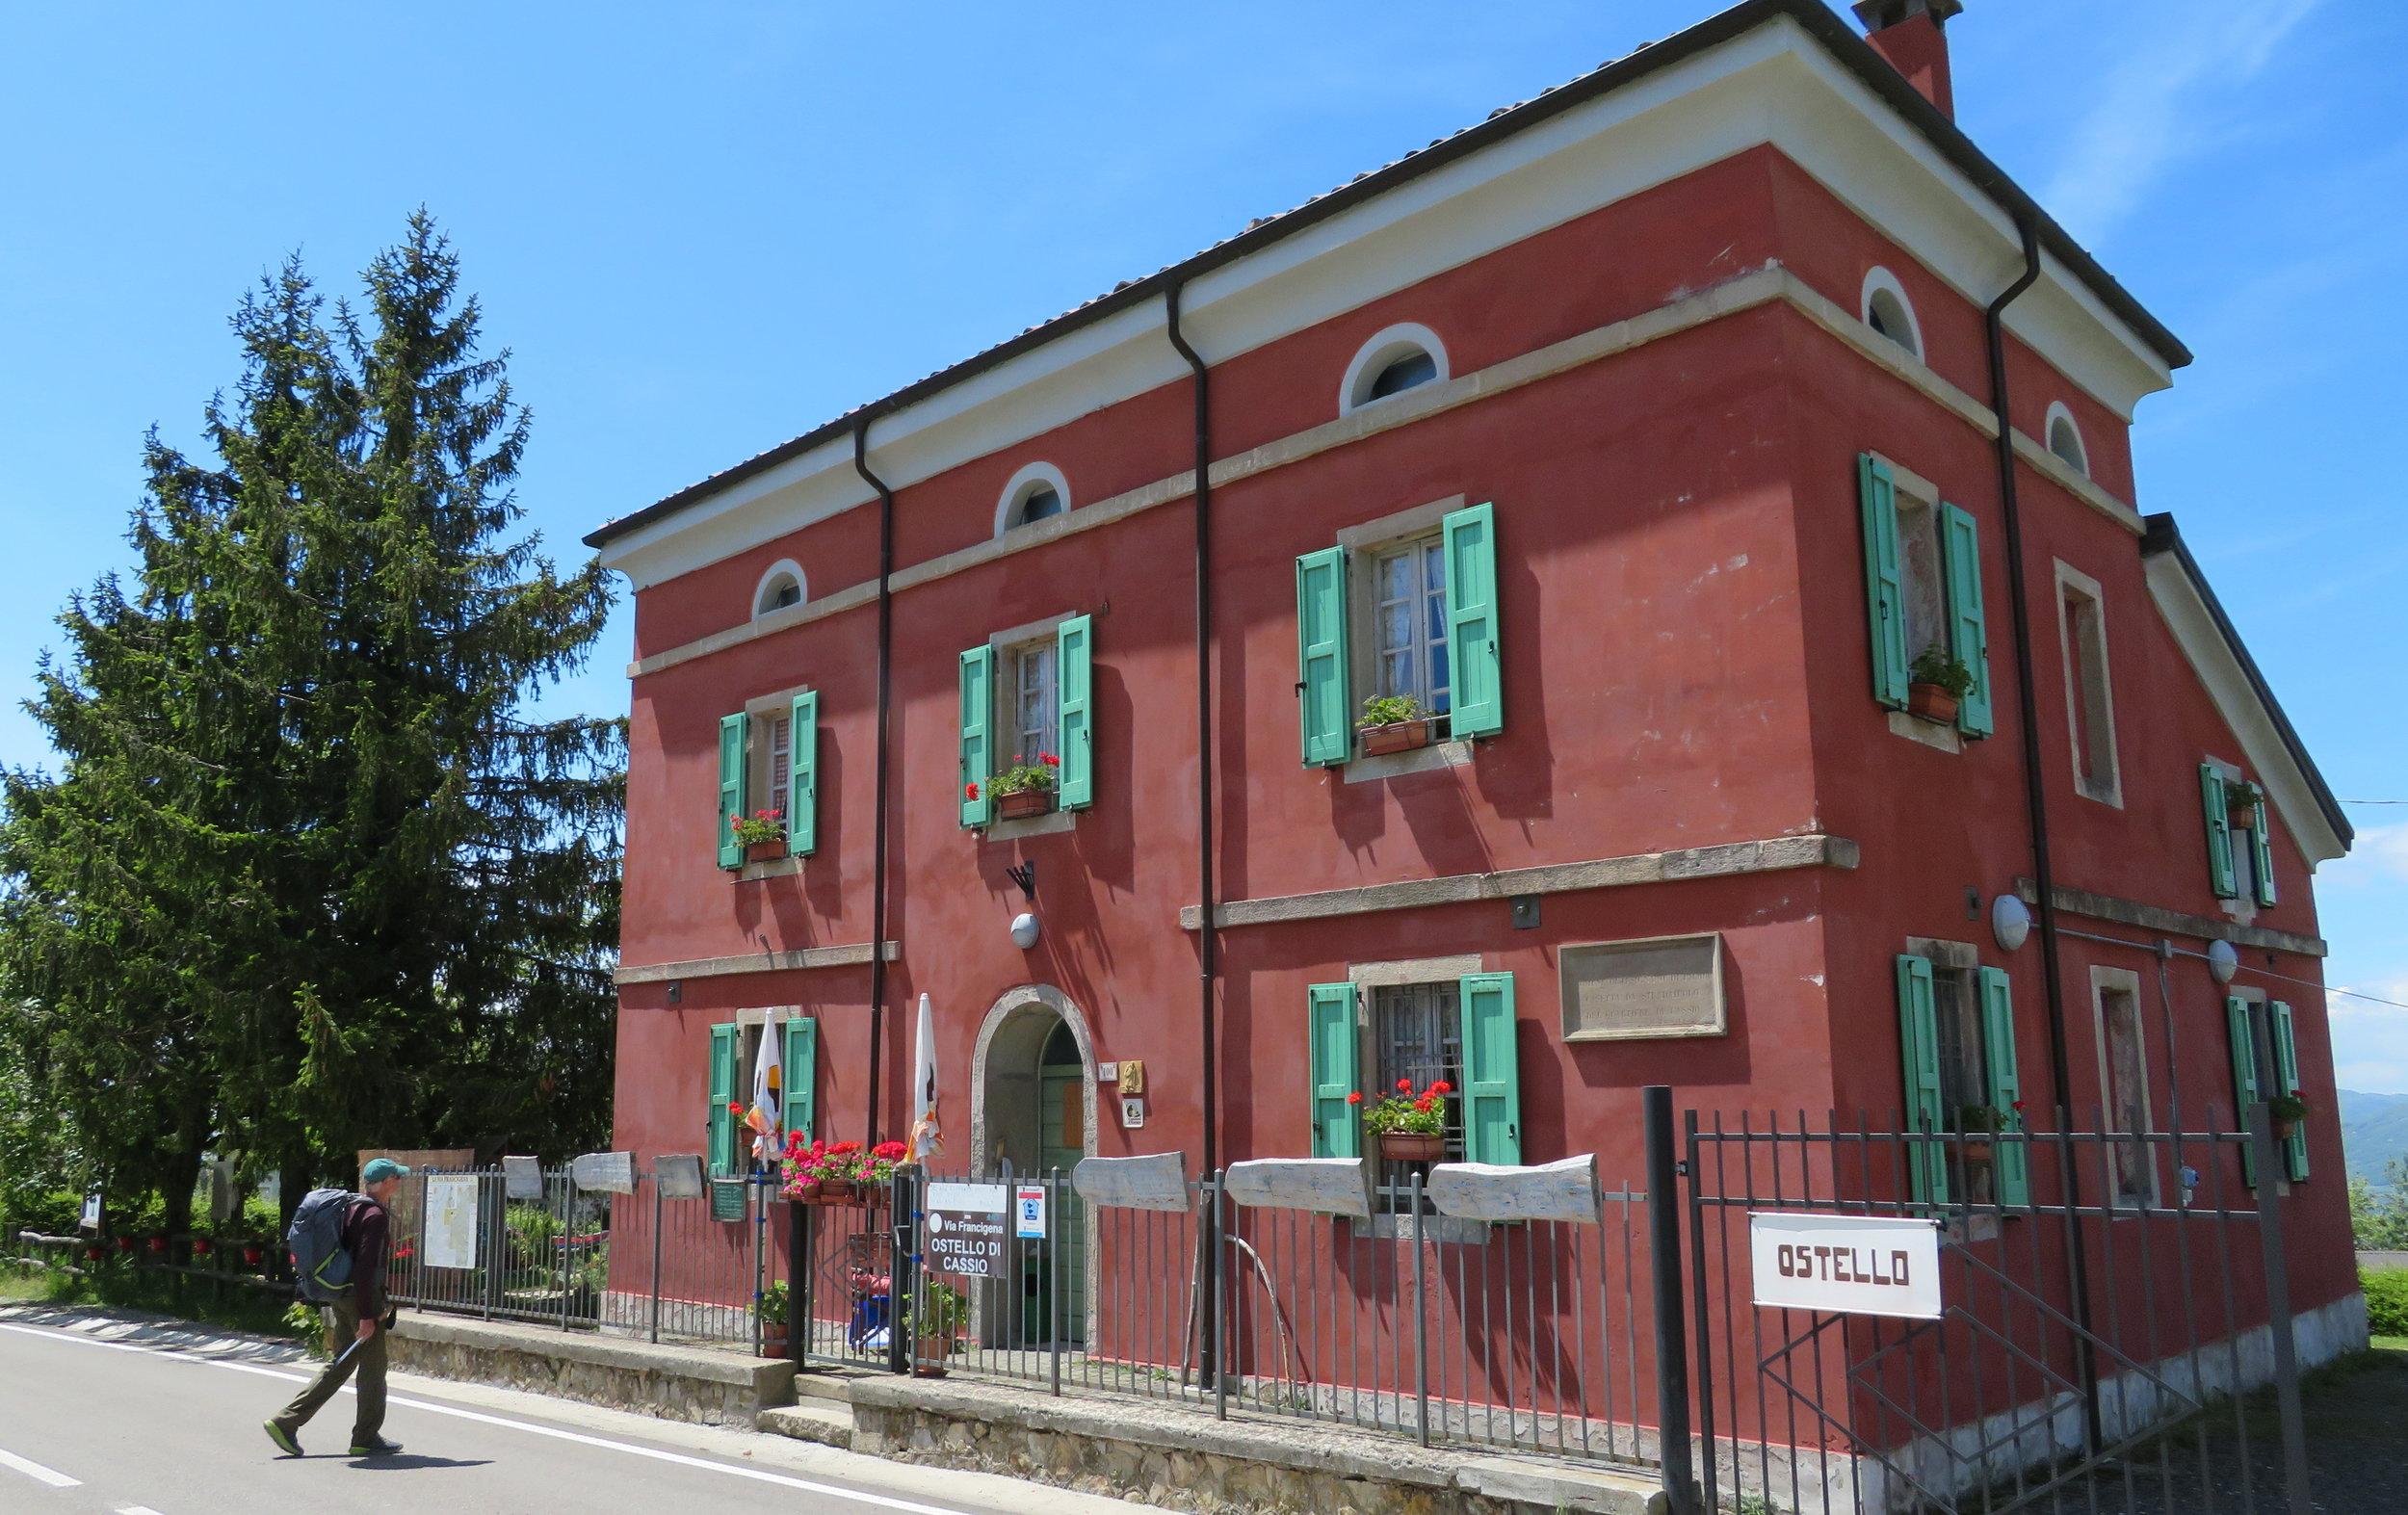 Arrival at Ostello Cassio